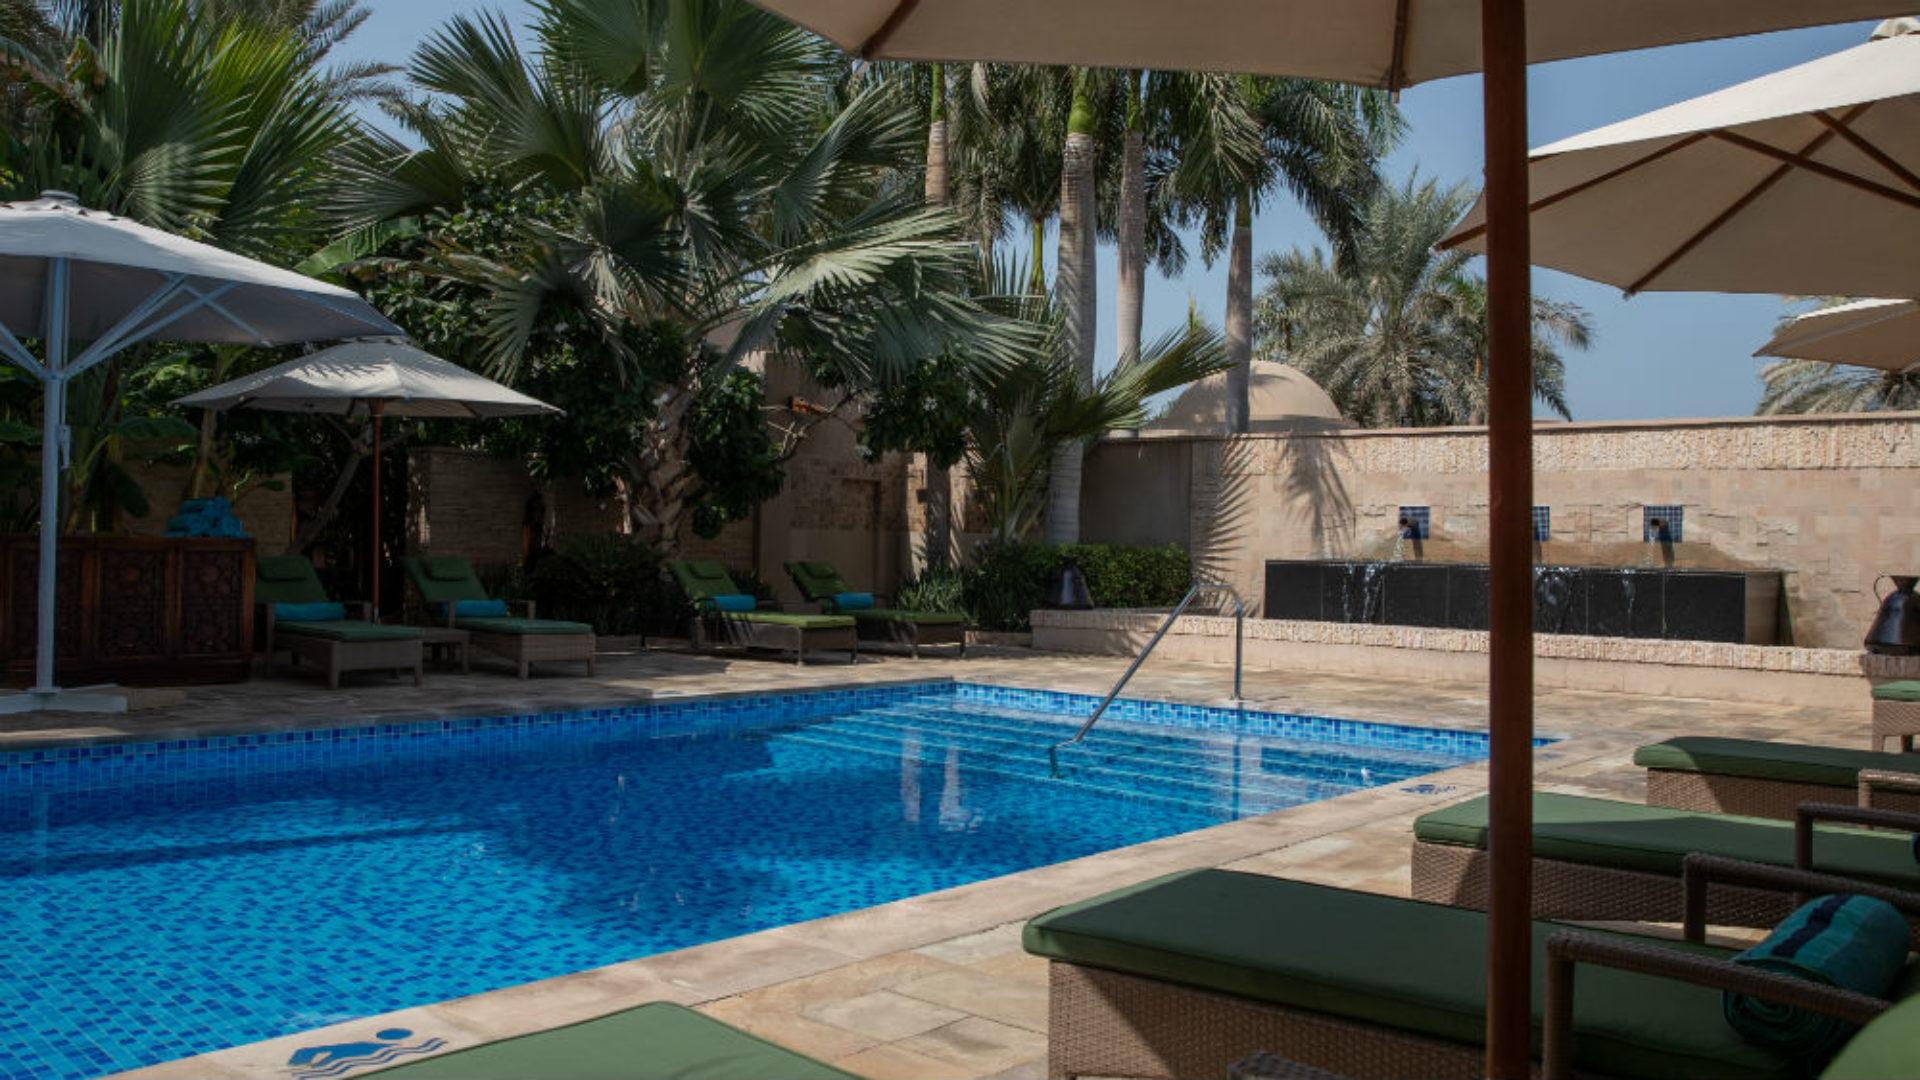 Talise Spa Pool at the Jumeirah Al Qasr